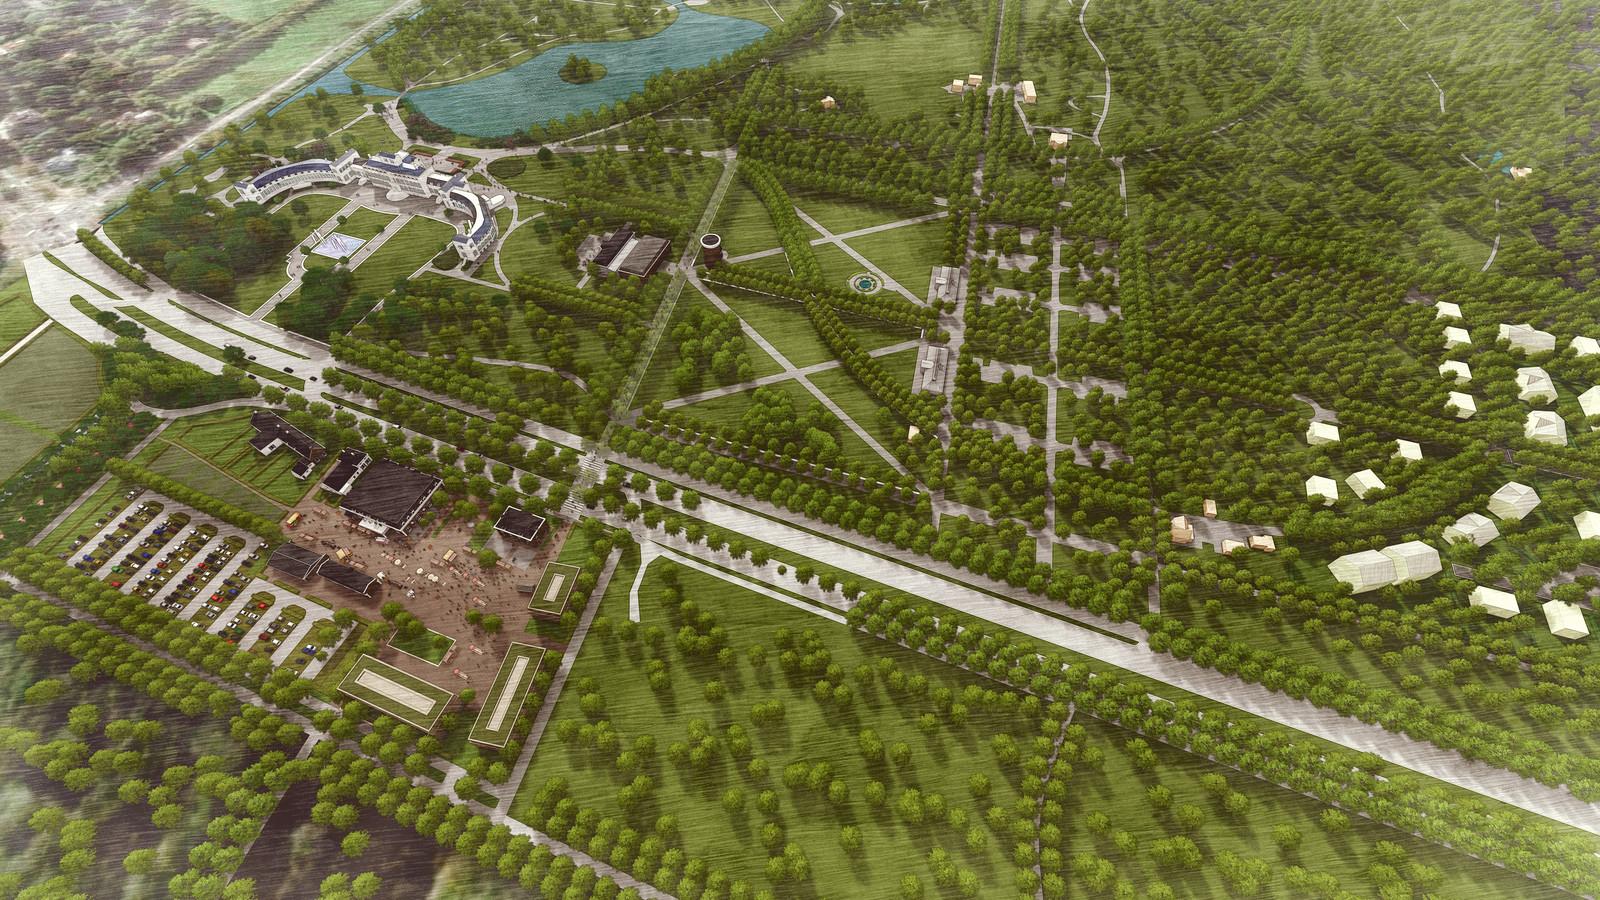 Impressie van de plannen die het consortium Made by Holland heeft met Paleis Soestdijk, de tuinen en de Parade (linksonder). Rechts het Alexanderkwartier, een woonwijk op en rond het marechausseeterrein waar 98 woningen komen. Op de Parade zijn een hotel en een parkeerterrein gepland.